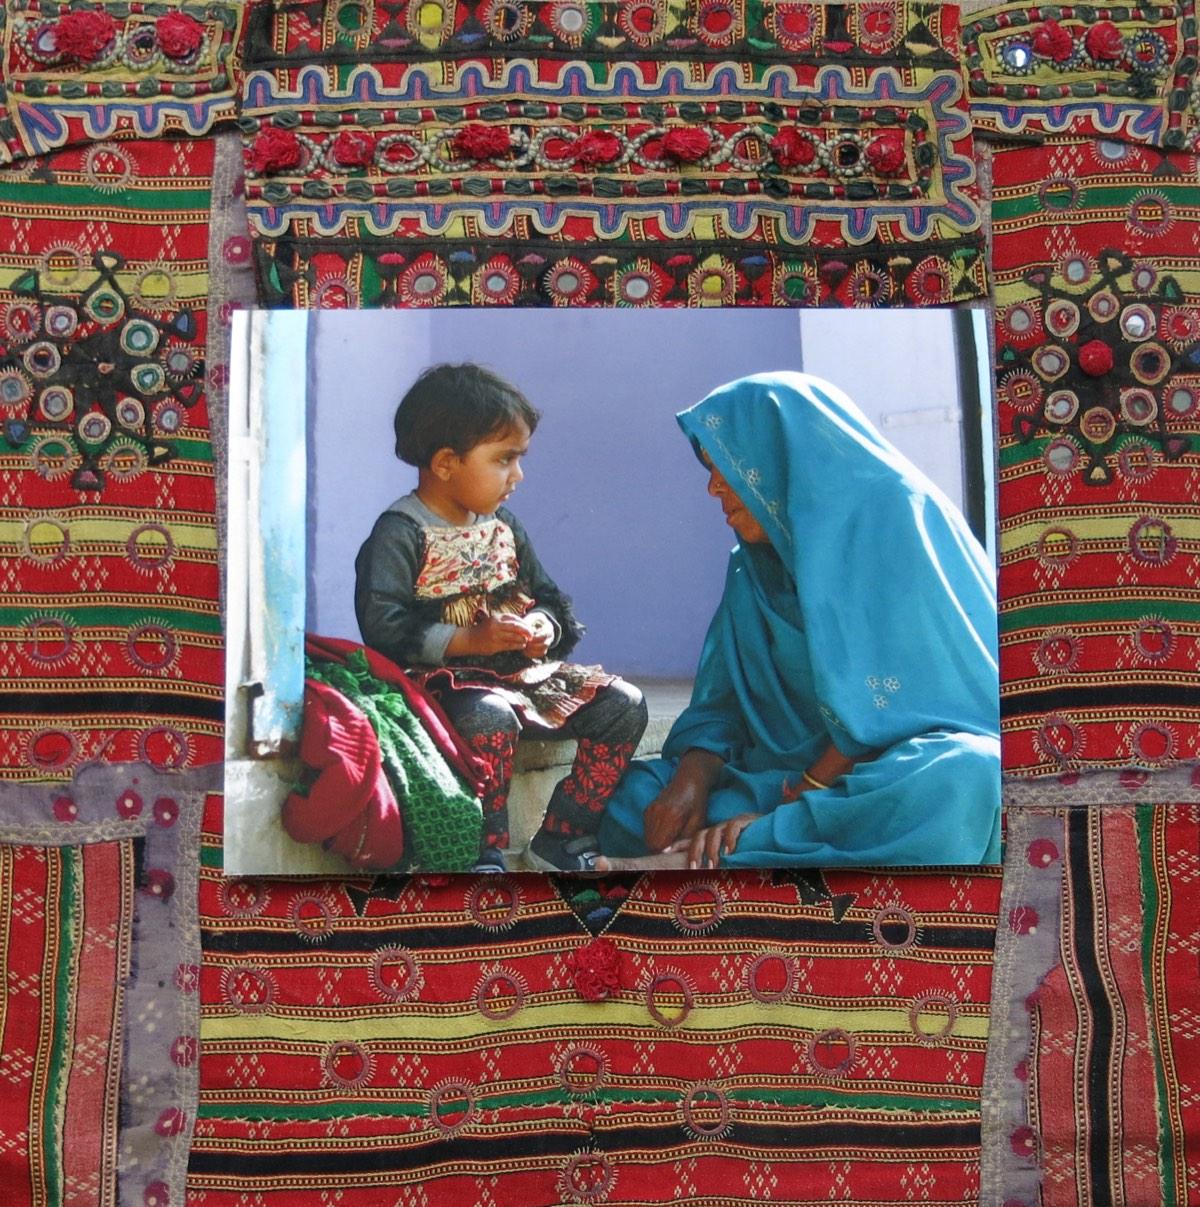 'In gesprek' 60x60cm Gemengde techniek: eigen beeld op handgeborduurde oude Indiase textiel.